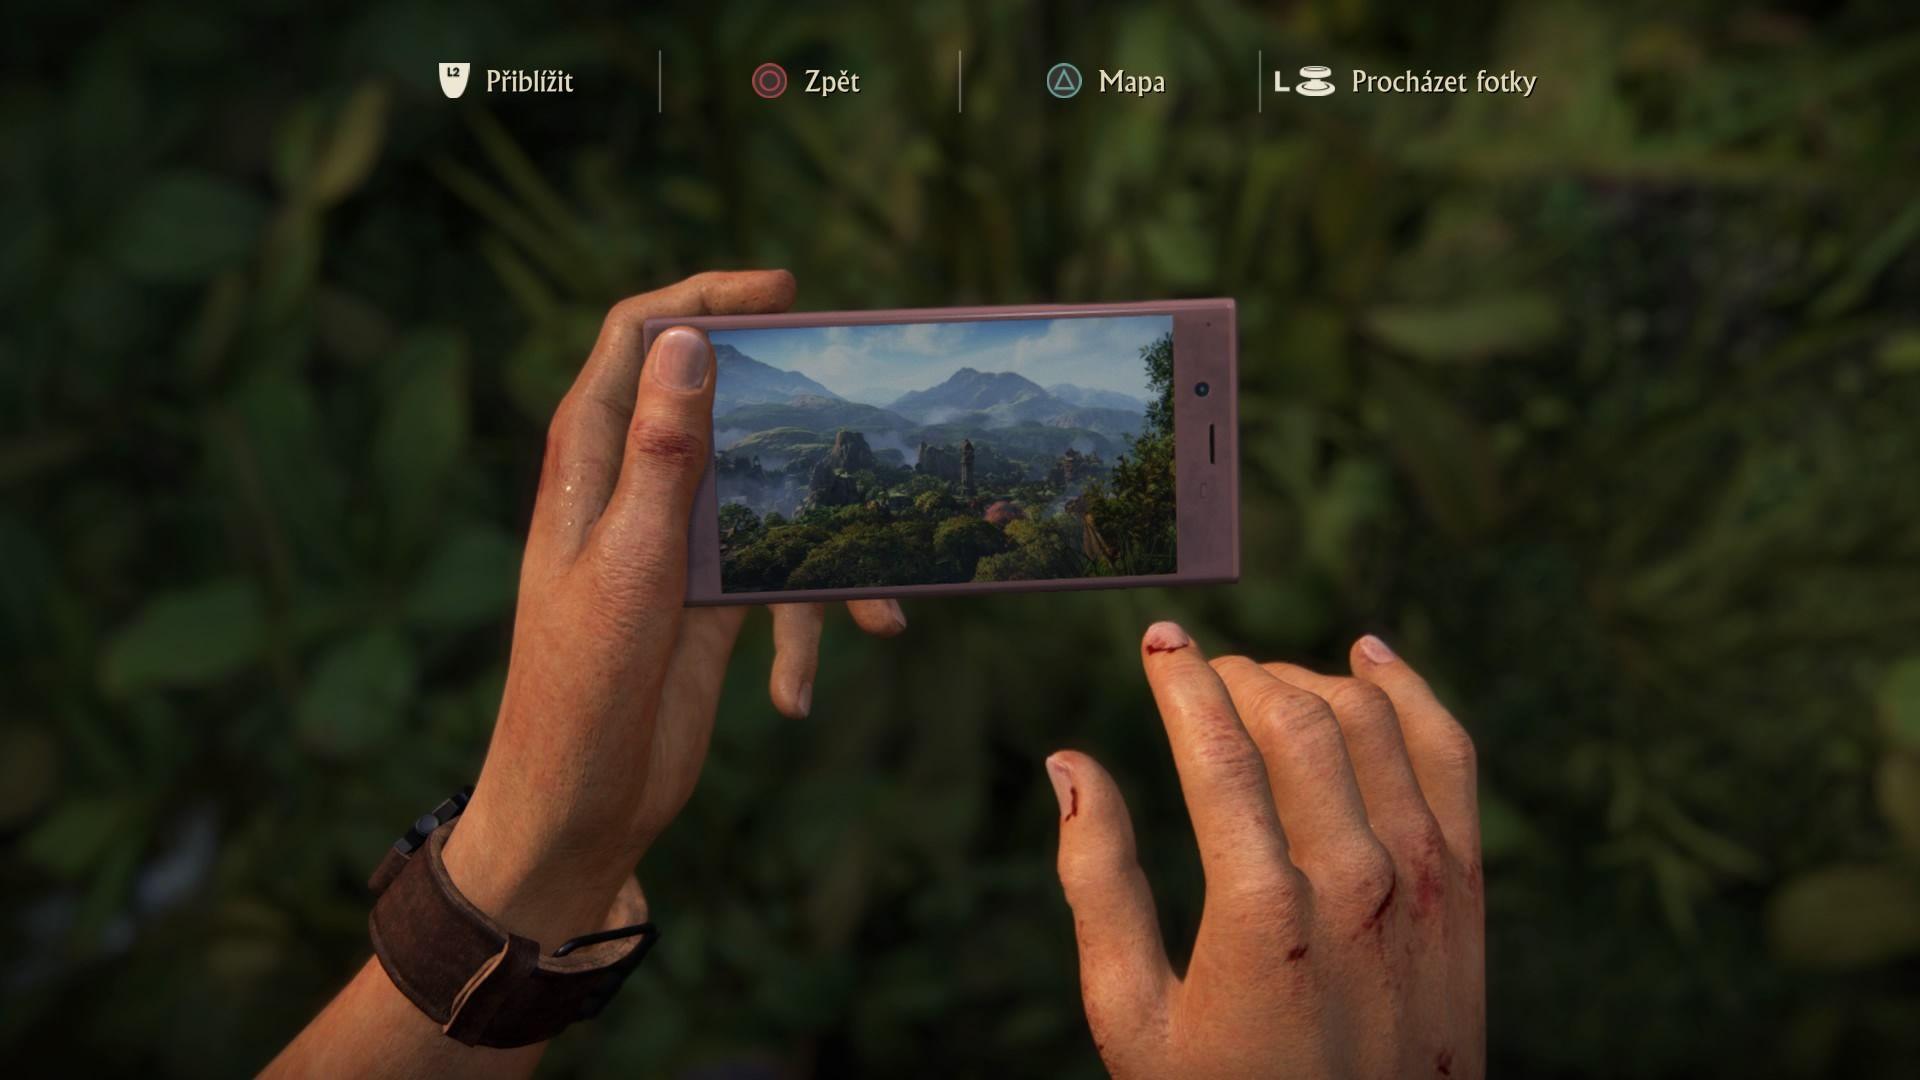 Chloe si svojím mobilom občas zdokumentuje zaujímavé situácie a výhľady